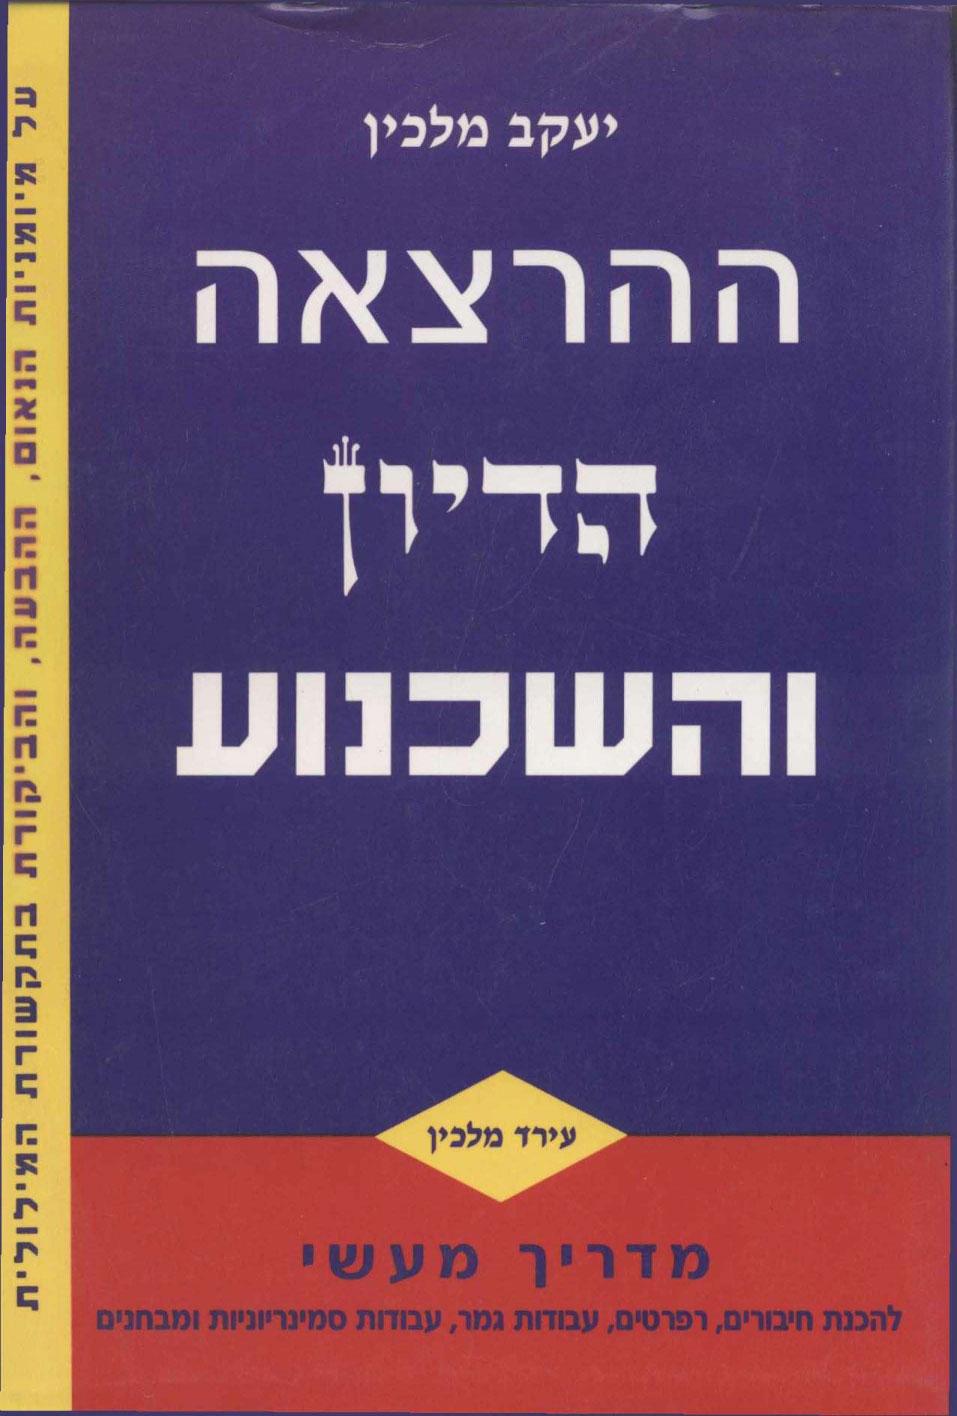 ההרצאה, הדיון, והשכנוע - Lecture, debate, and persuasion - יעקב מלכין/עירד מלכין,עברית, 1994